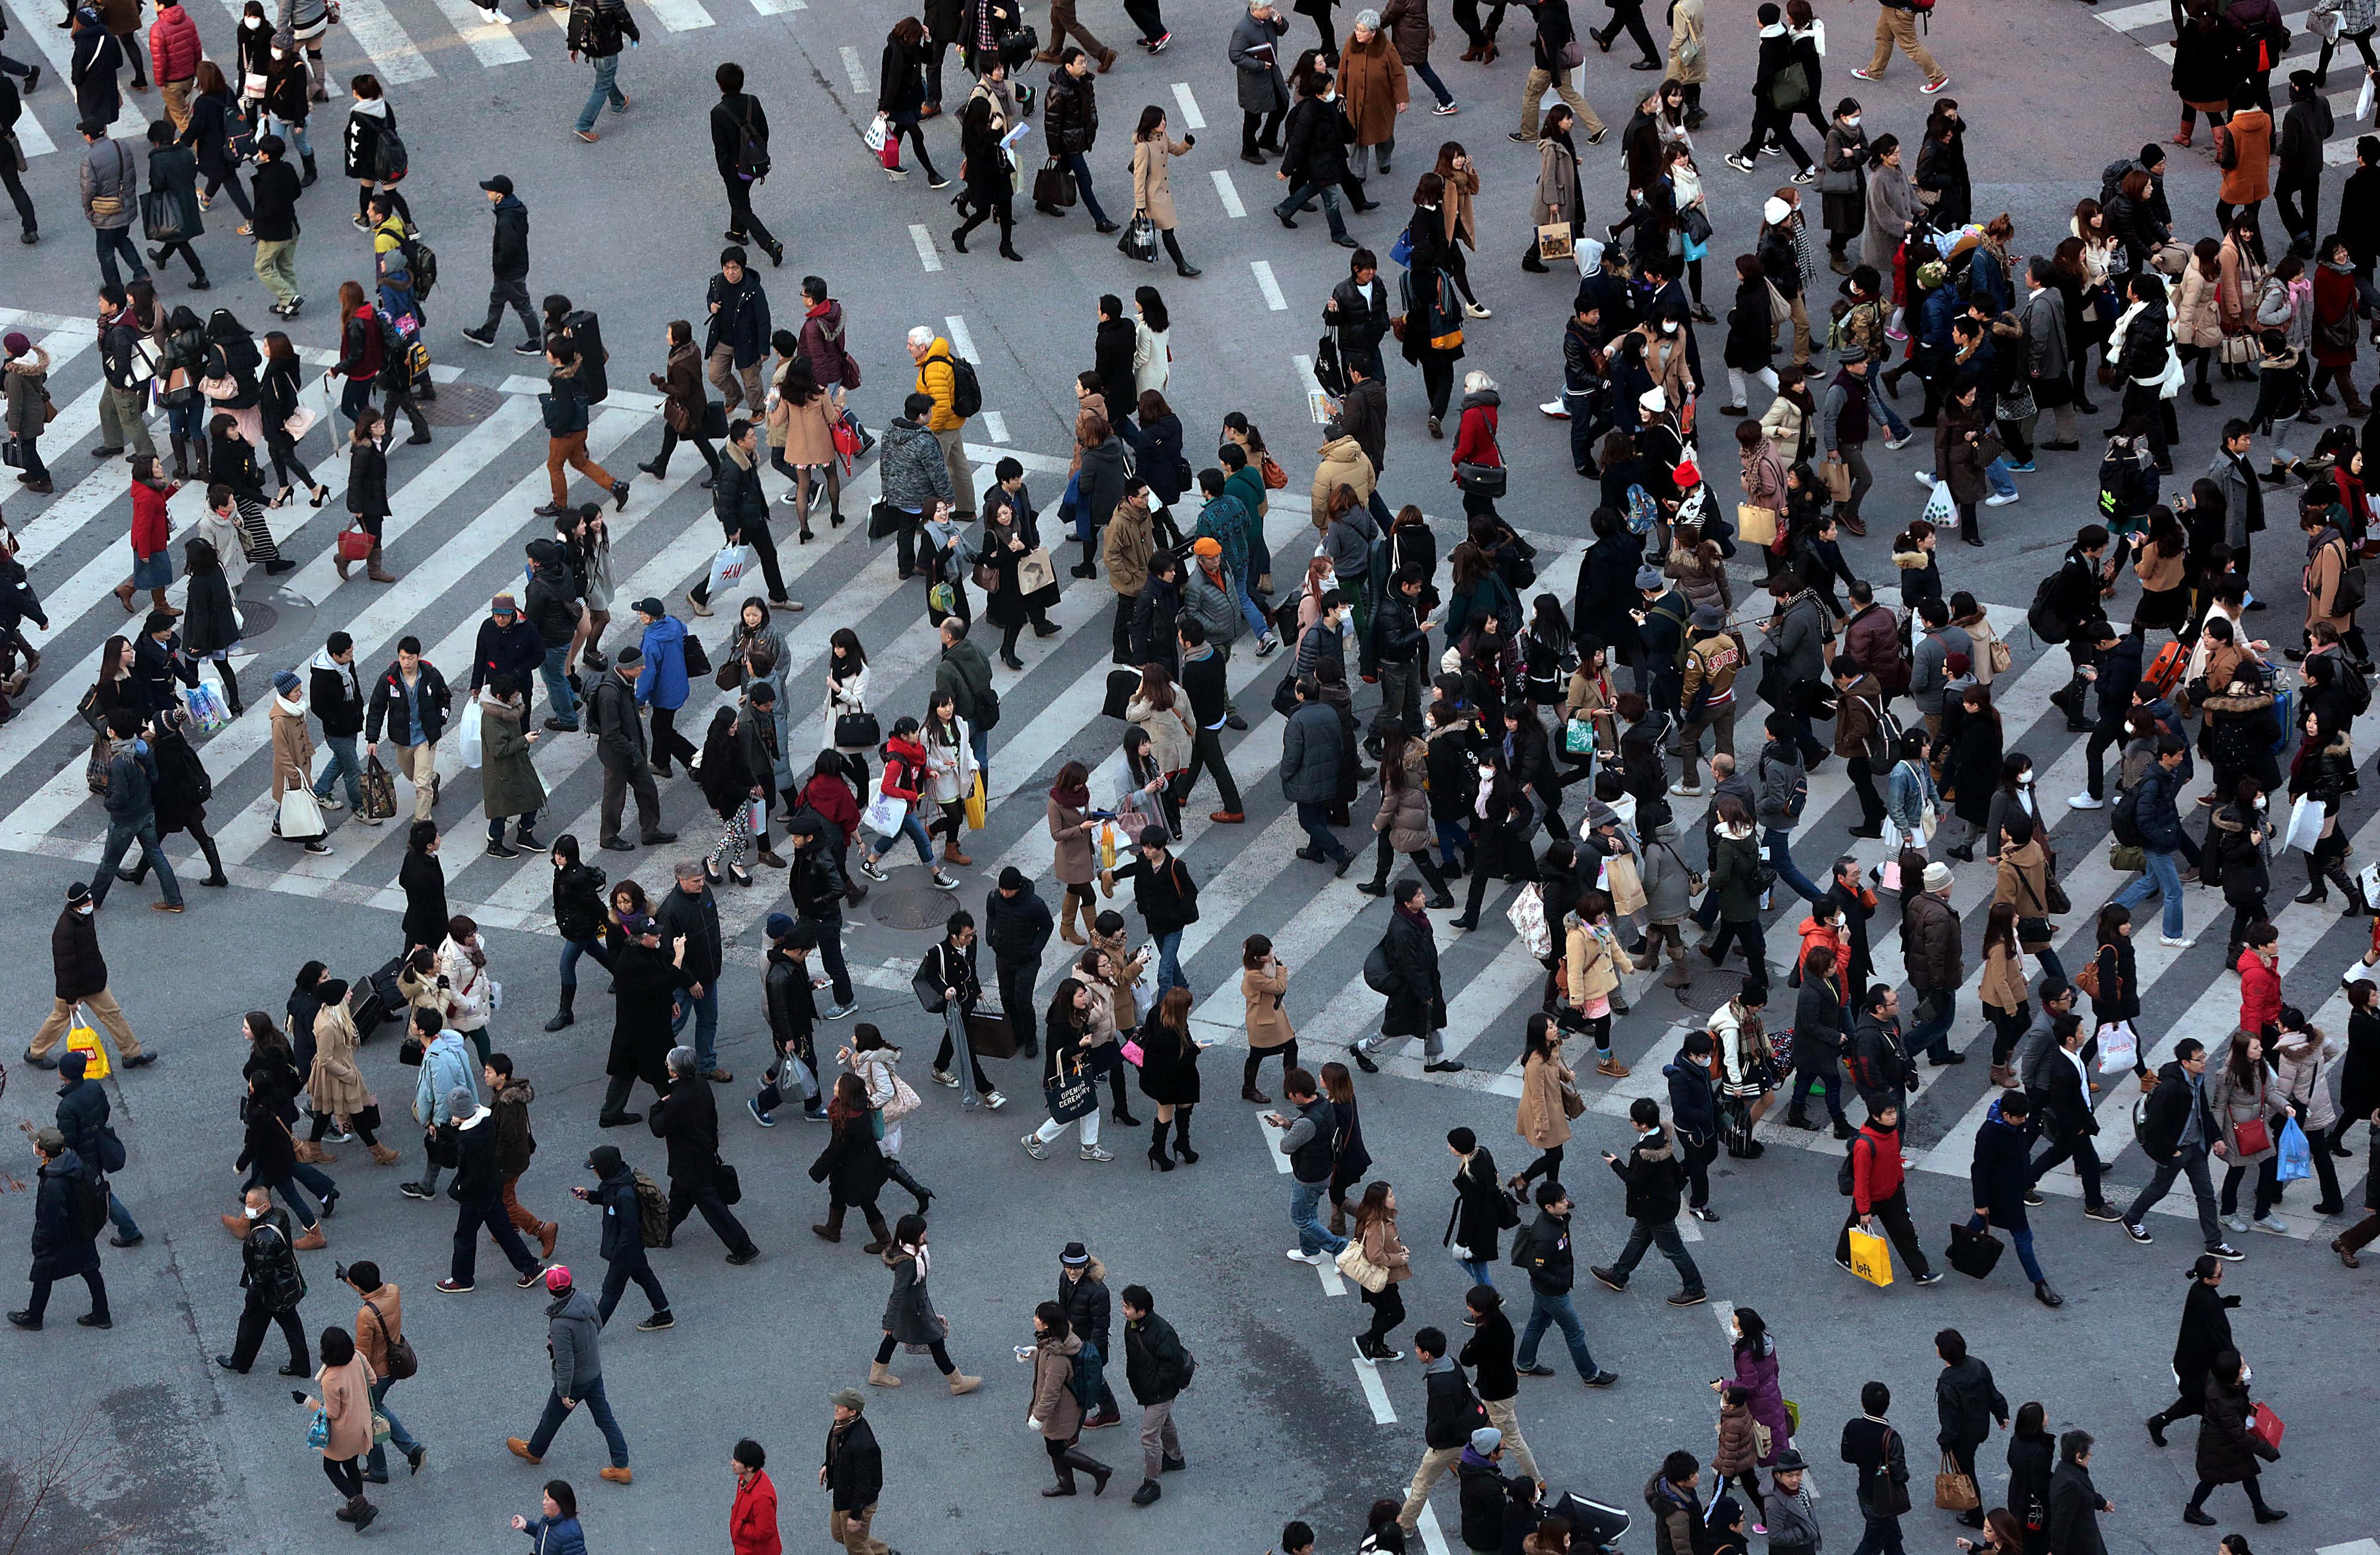 картинки массового скопления людей растение японии